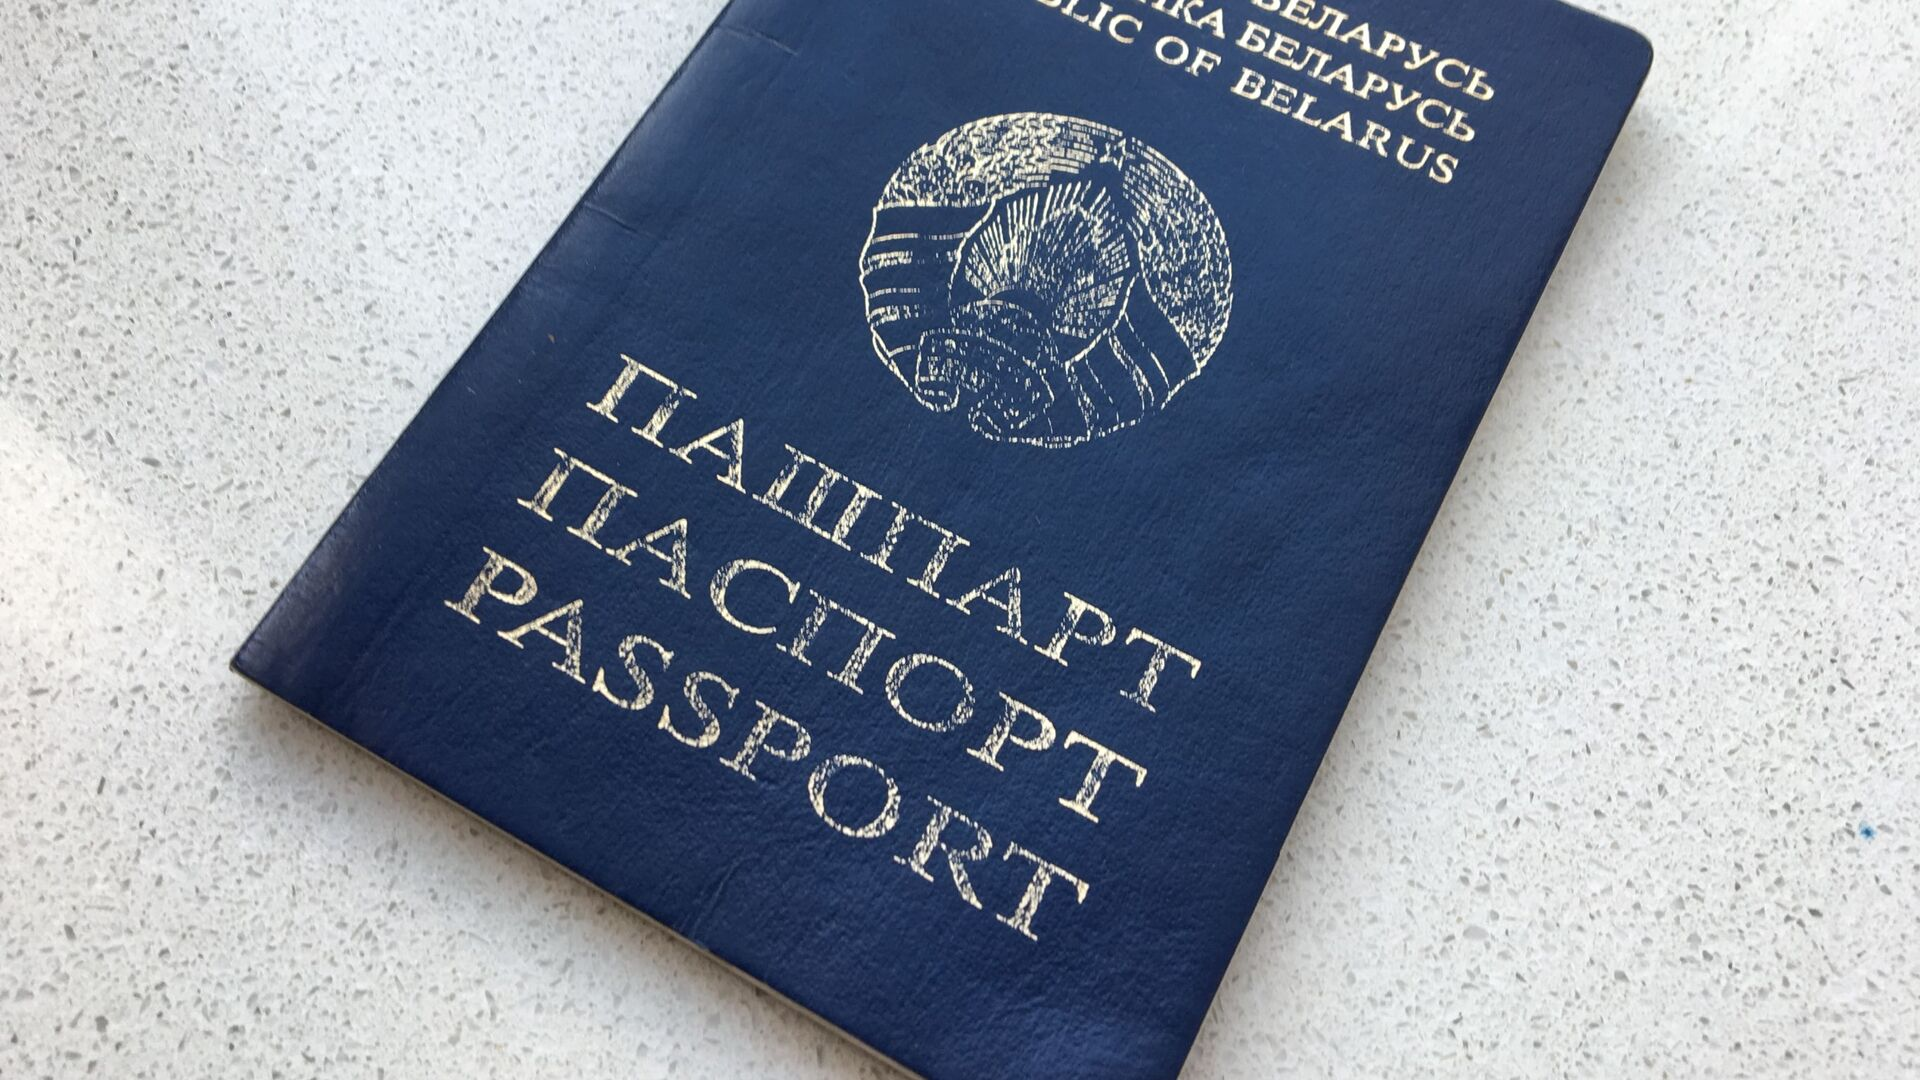 Белорусский паспорт, архивное фото - Sputnik Беларусь, 1920, 05.08.2021